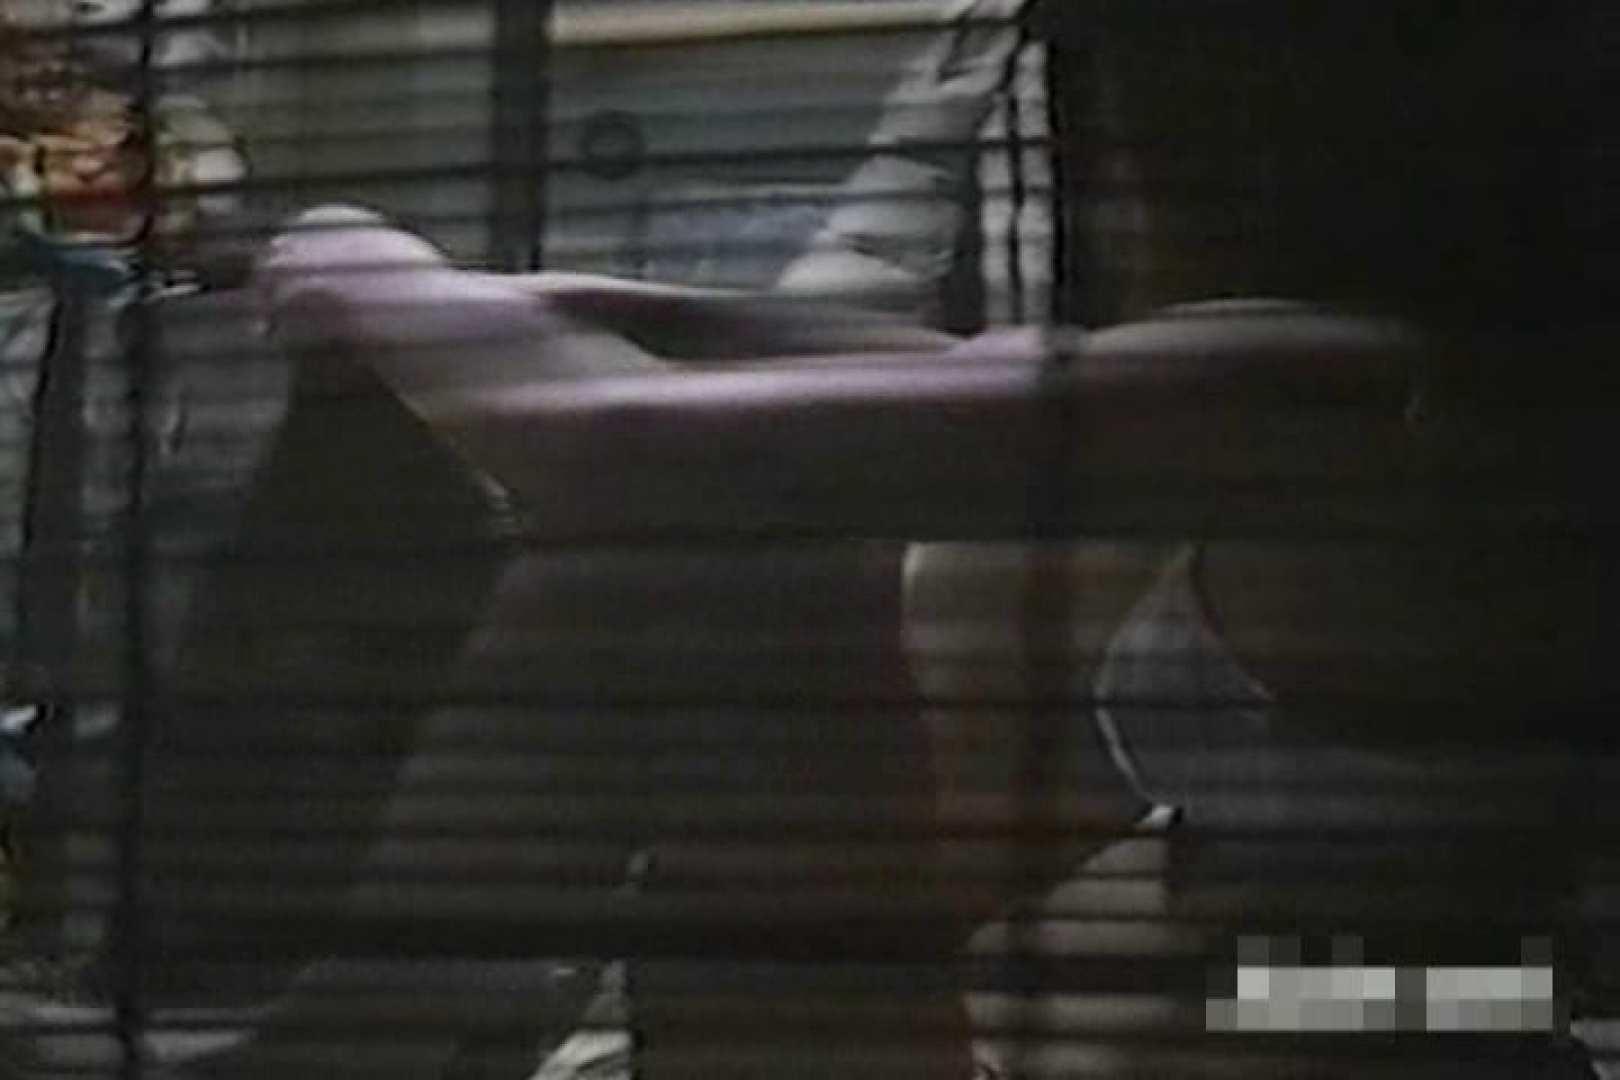 激撮ストーカー記録あなたのお宅拝見しますVol.1 プライベート セックス画像 87連発 68